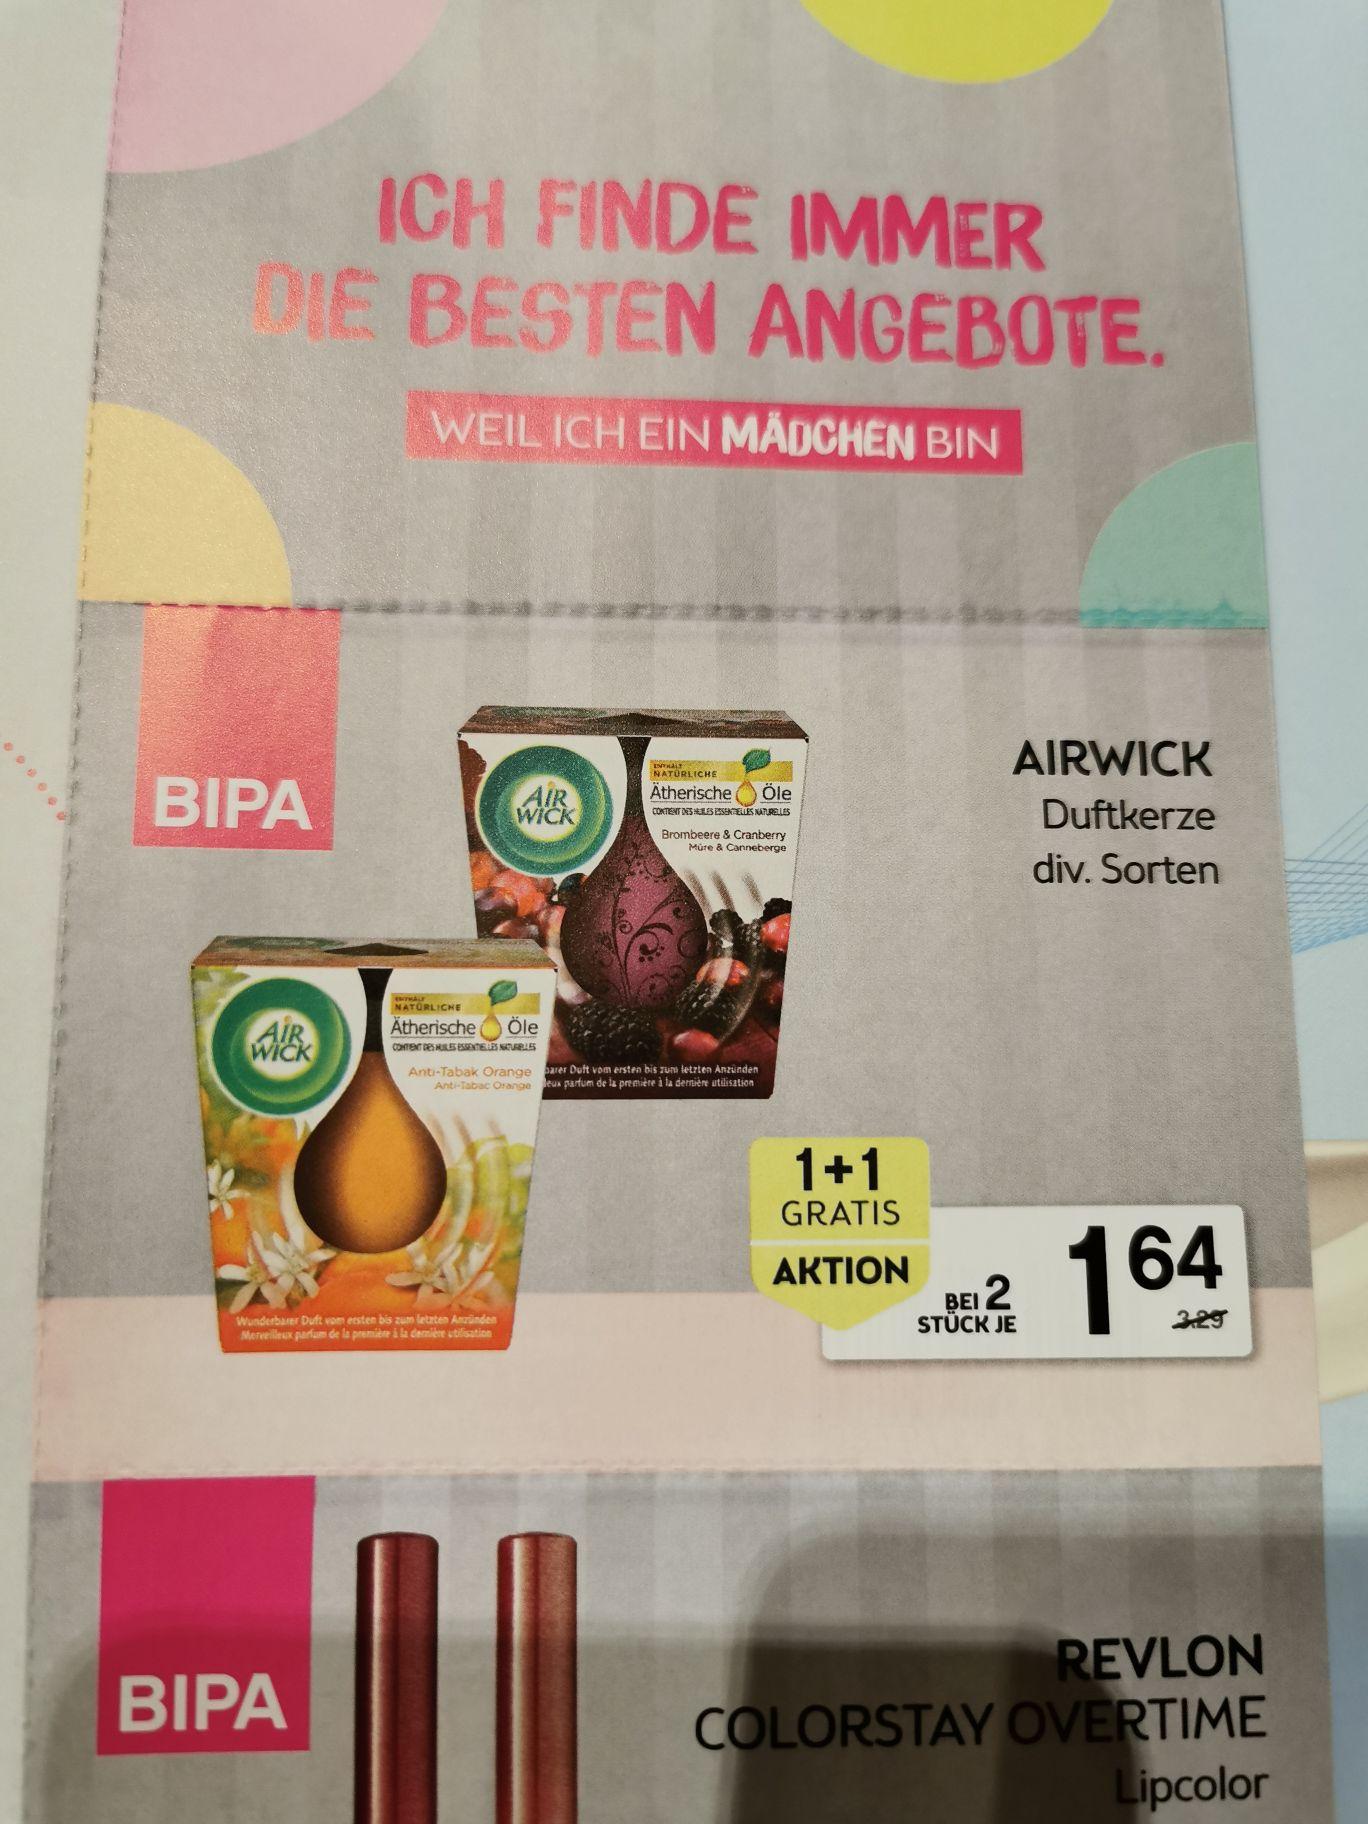 Air wick Duft Kerzen 1+1 gratis mit Gutschein